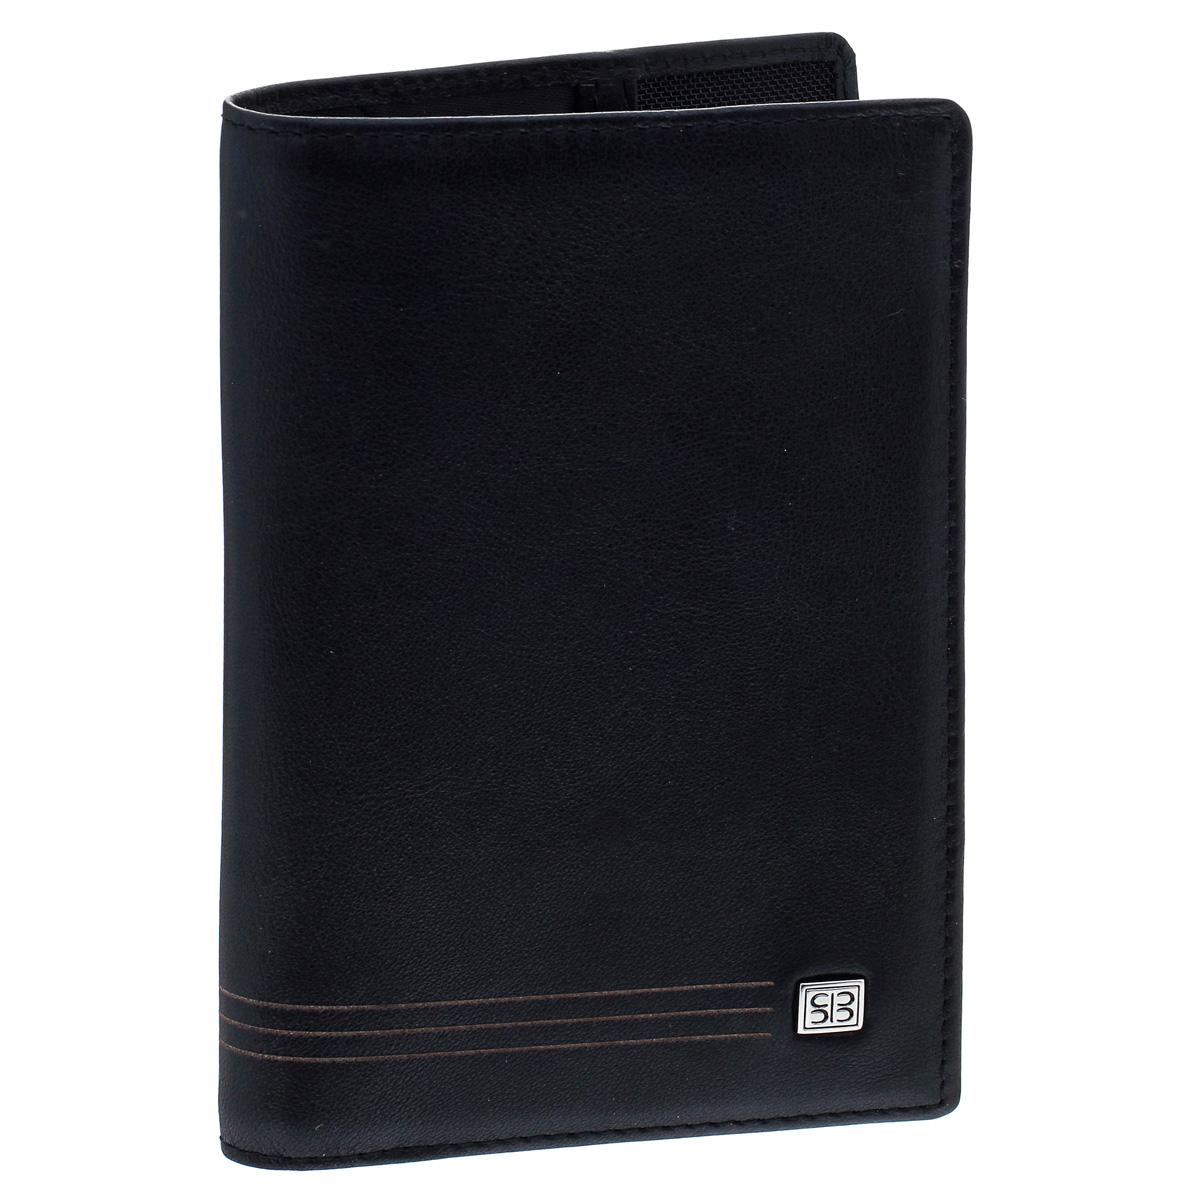 Обложка для паспорта Sergio Belotti, цвет: черный. 2464 west2464 westИзысканная обложка для паспорта Sergio Belotti выполнена из натуральной высококачественной кожи. На лицевой стороне изделие оформлено металлической пластиной с гравировкой в виде логотипа бренда, на внутренней стороне - тисненым названием бренда.Внутри расположены карман-уголок с кармашком для кредитной карты и кармашком для sim-карты и один карман с окошком из прозрачного пластика).Изделие упаковано в фирменную коробку.Модная обложка для паспорта не только поможет сохранить внешний вид вашего документа и защитить его от повреждений, но и станет стильным аксессуаром, который прекрасно дополнит ваш образ.